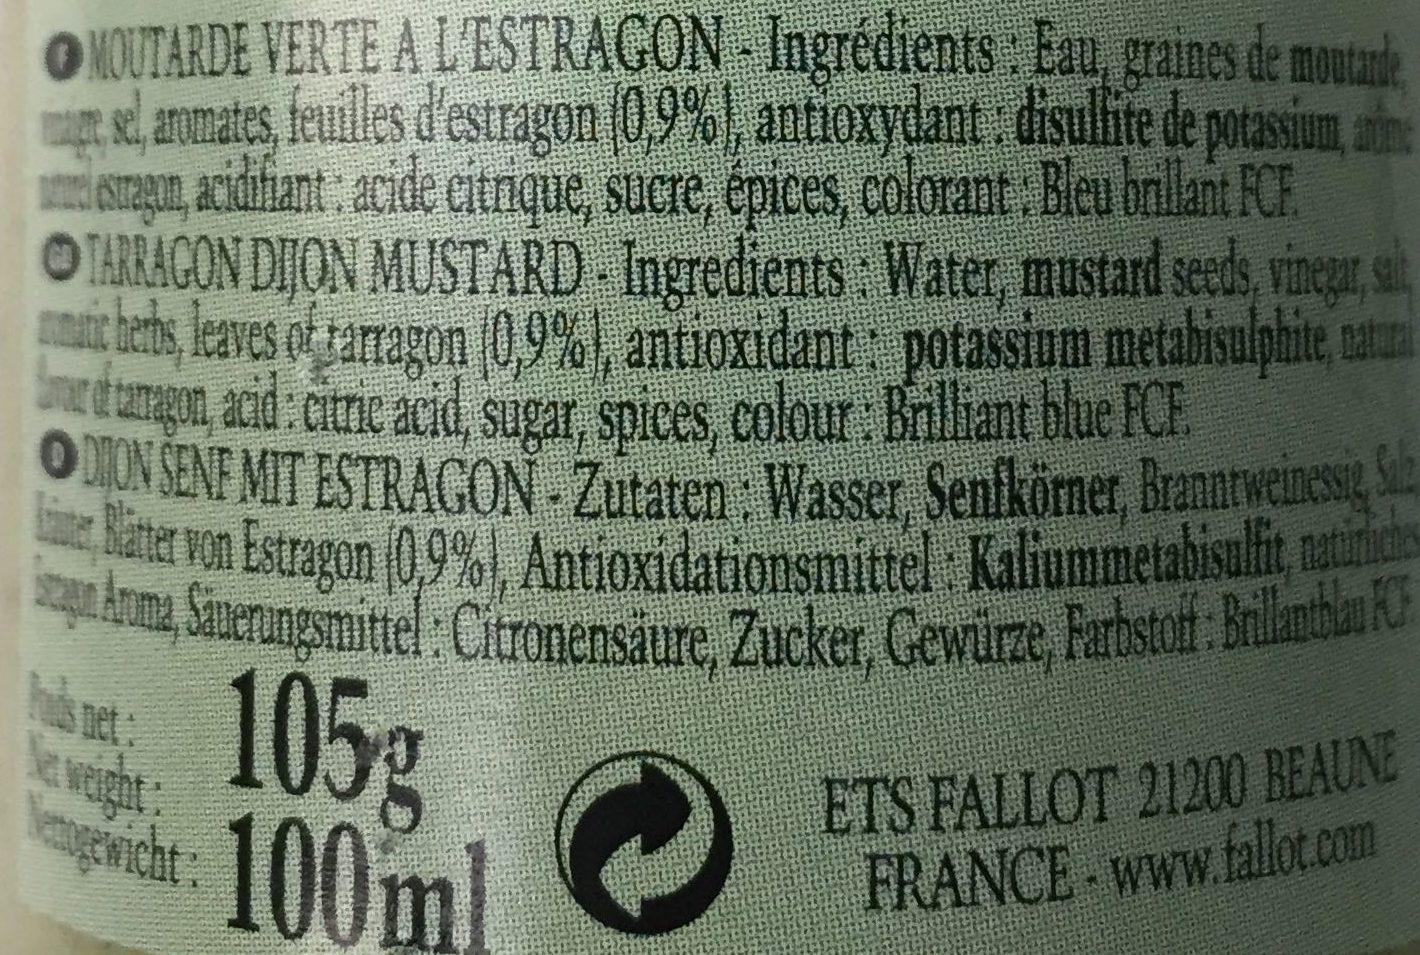 Moutarde verte a l'estragon - Ingrédients - fr